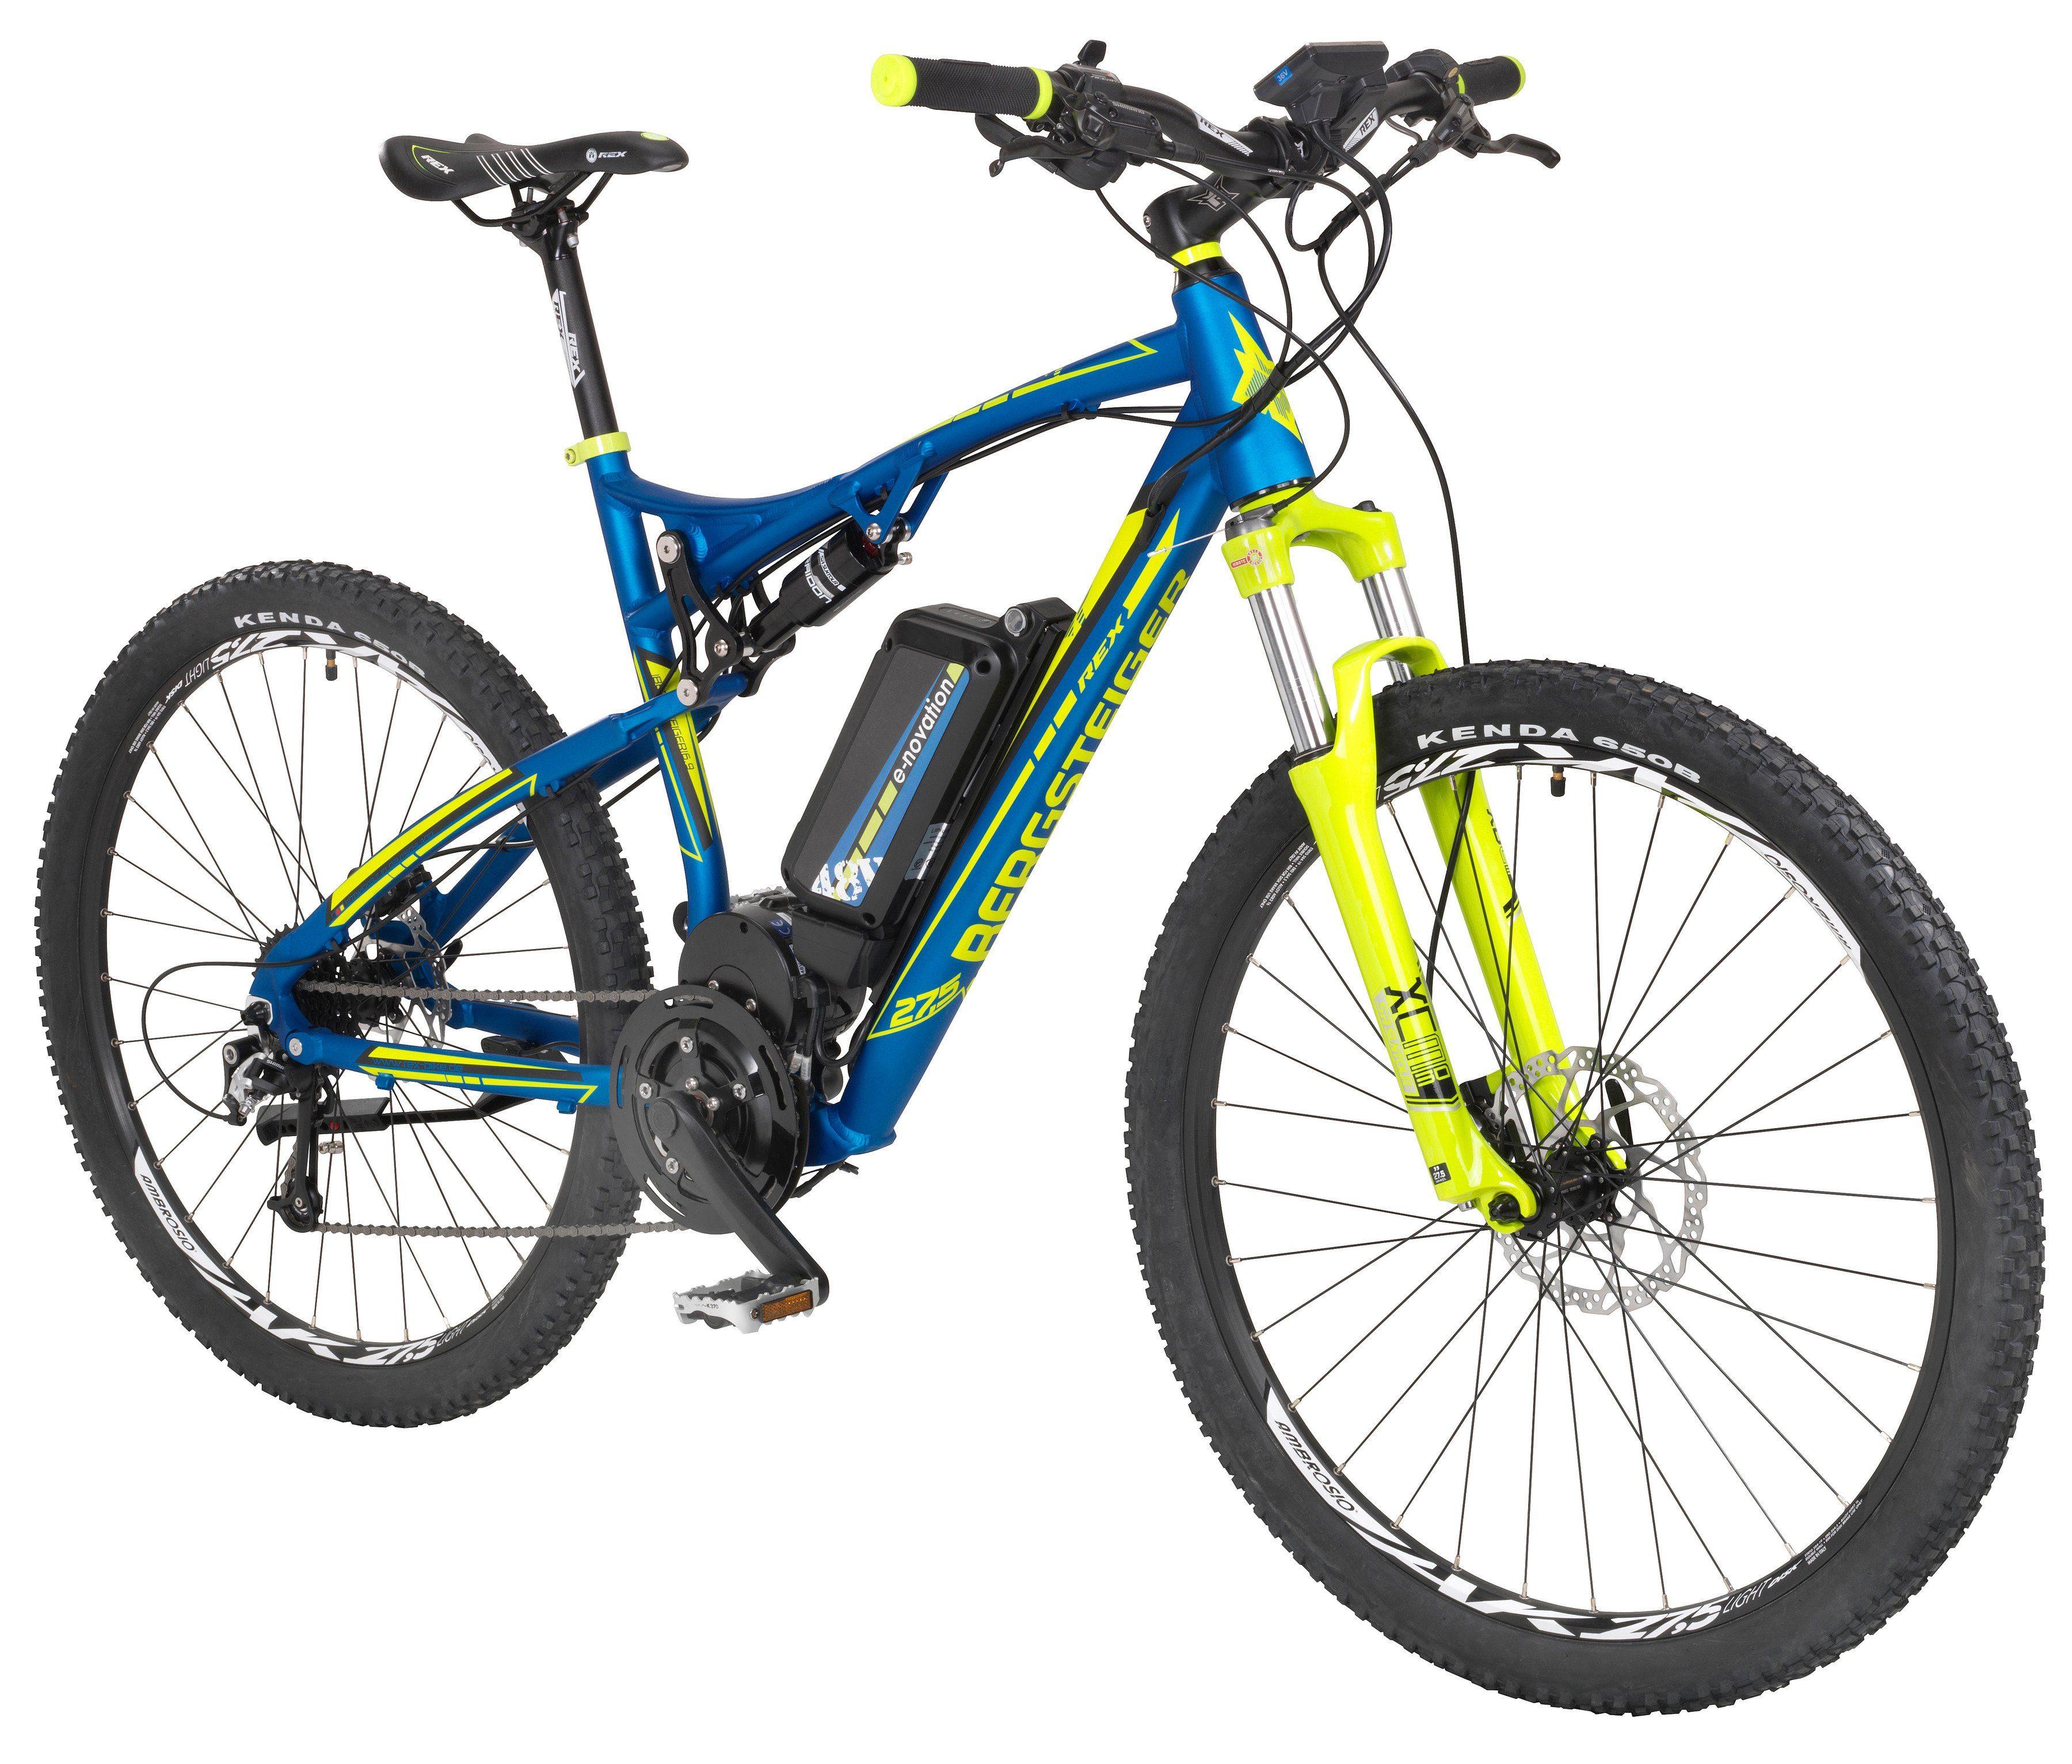 REX E-Bike Mountainbike »Bergsteiger 6.9«, 27,5 Zoll, 9 Gang, Mittelmotor, 422 Wh